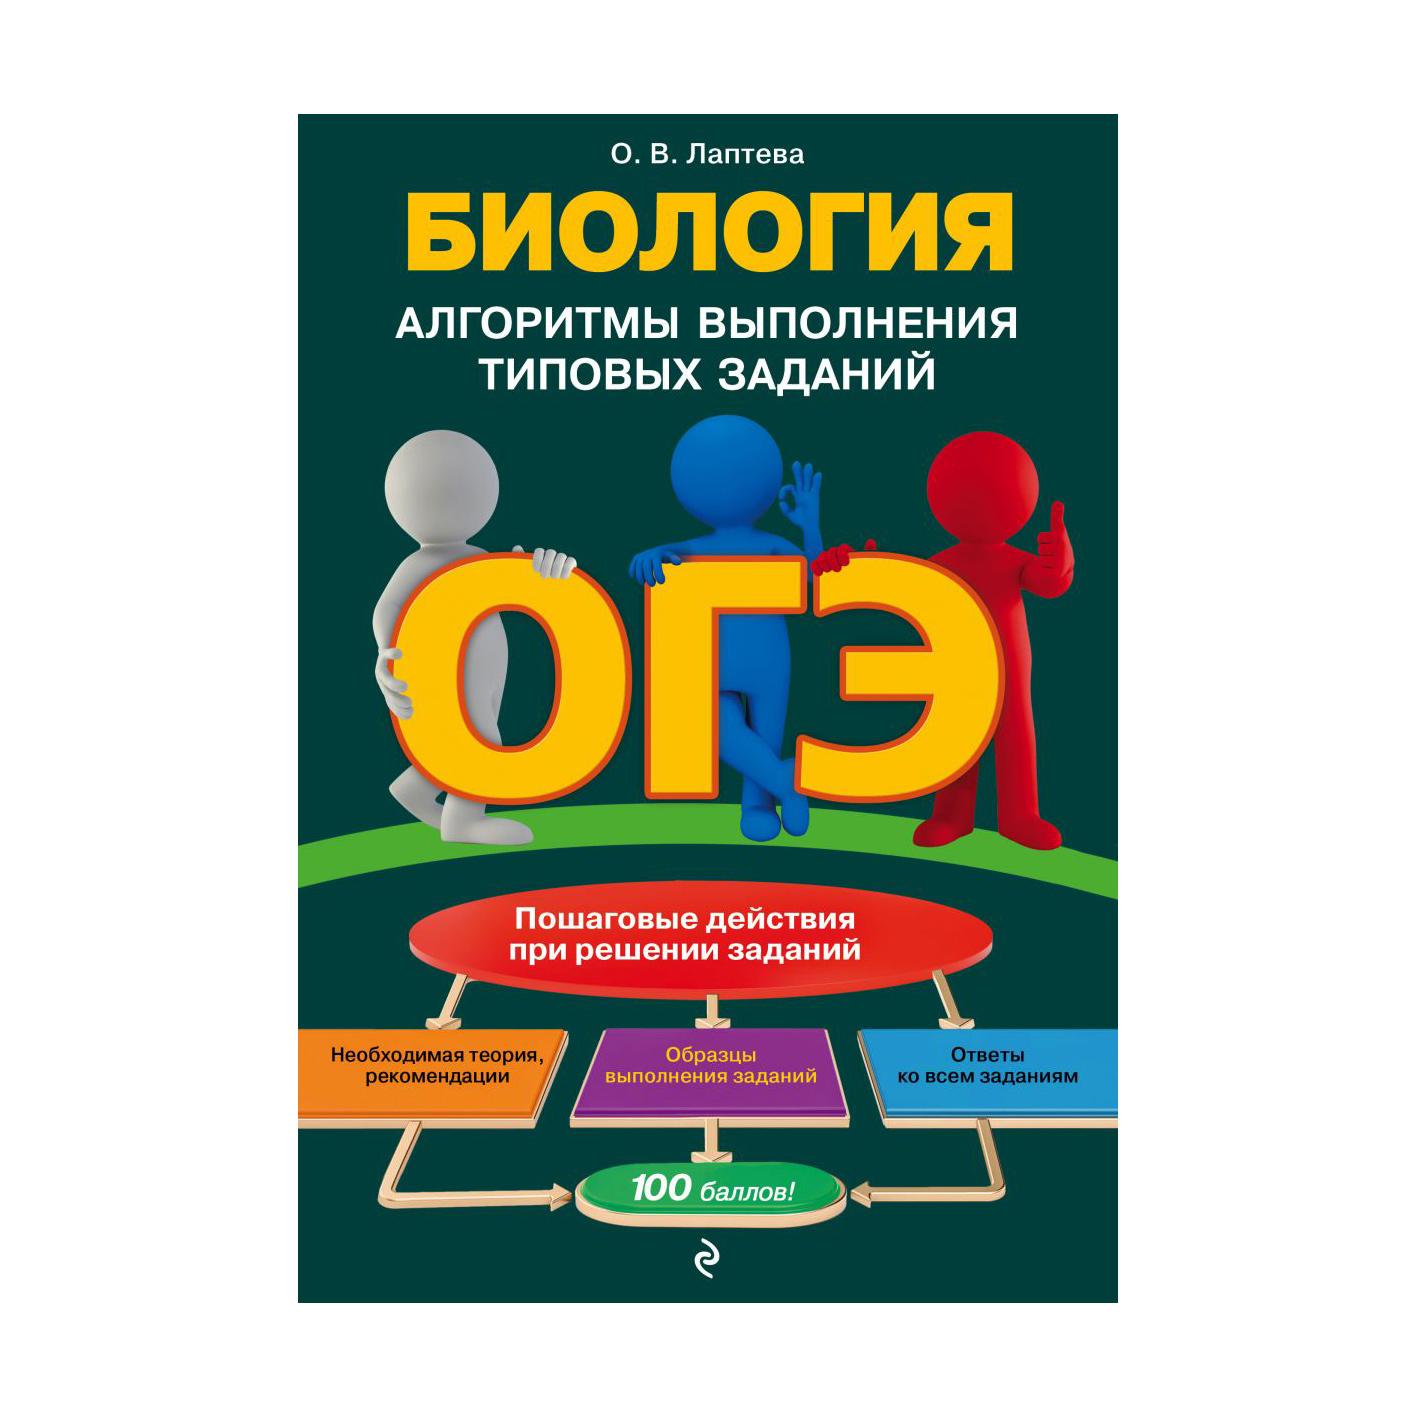 Книга Эксмо ОГЭ. Биология. Алгоритмы выполнения типовых заданий лаптева о огэ биология алгоритмы выполнения типовых заданий